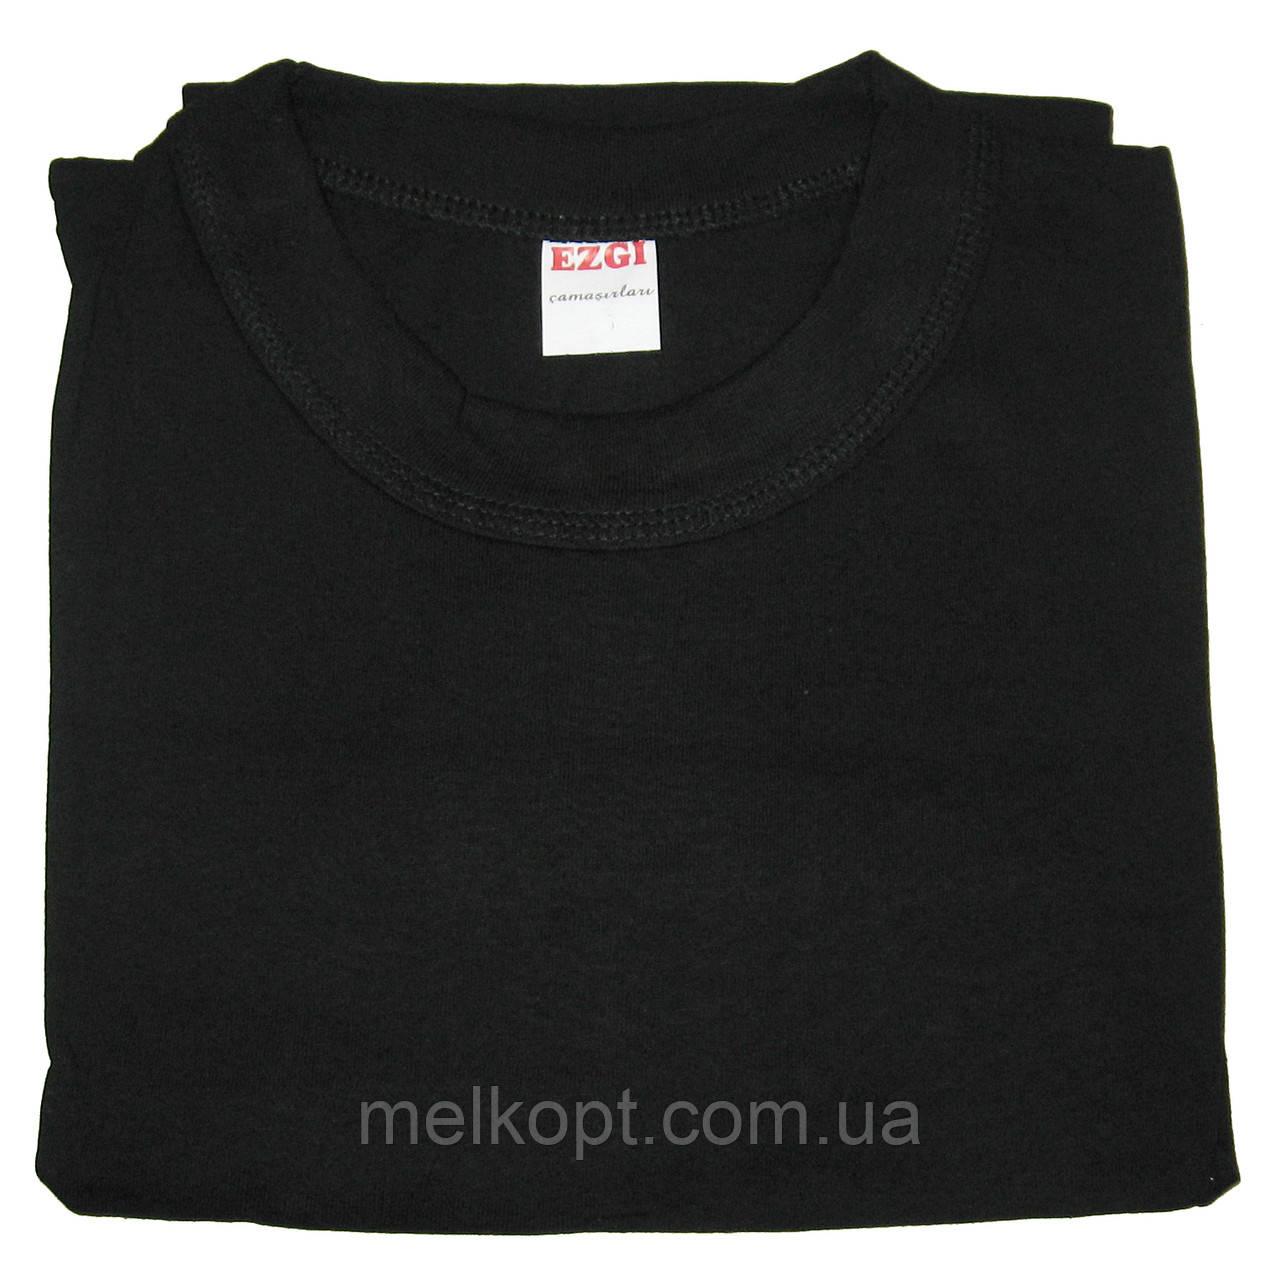 Мужские футболки Ezgi - 58,00 грн./шт. (56-й размер, черные)